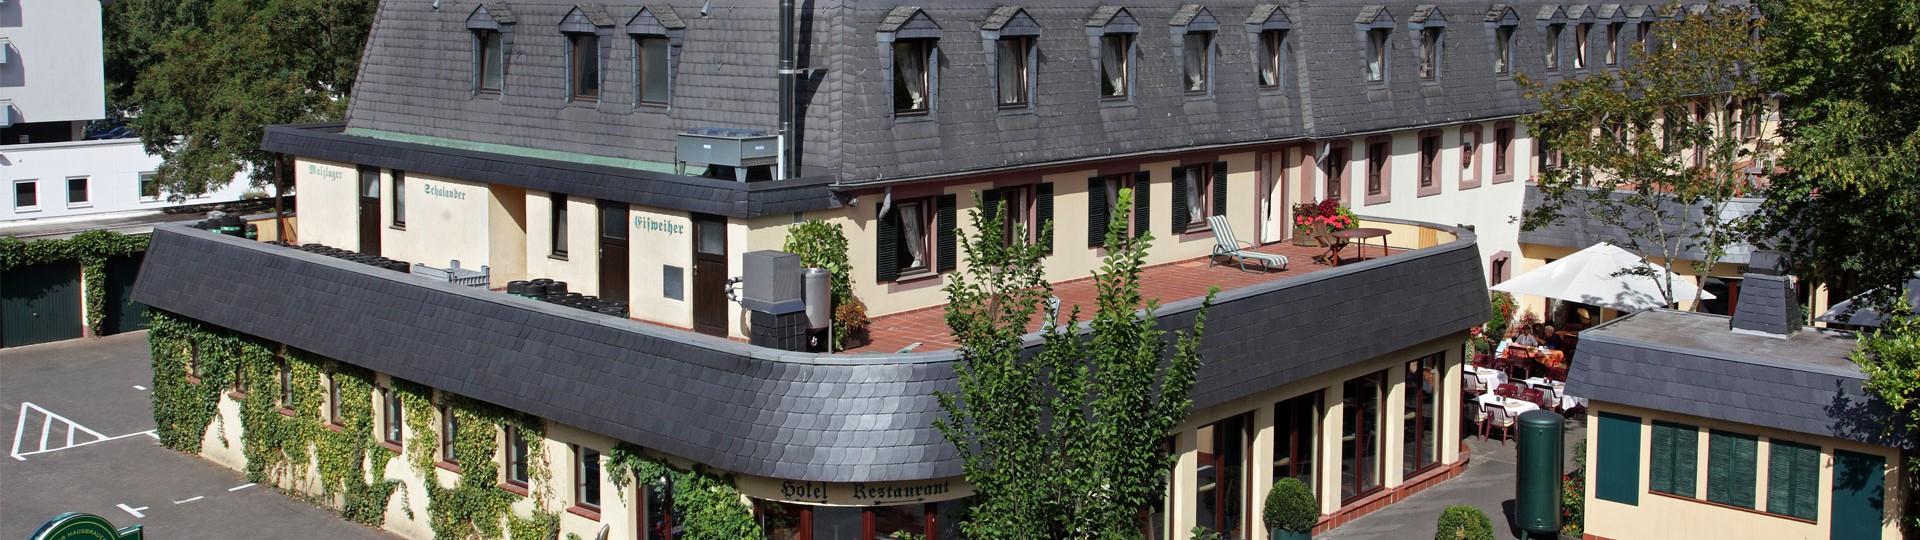 Hotel Trier Blesius Garten 4 Sterne